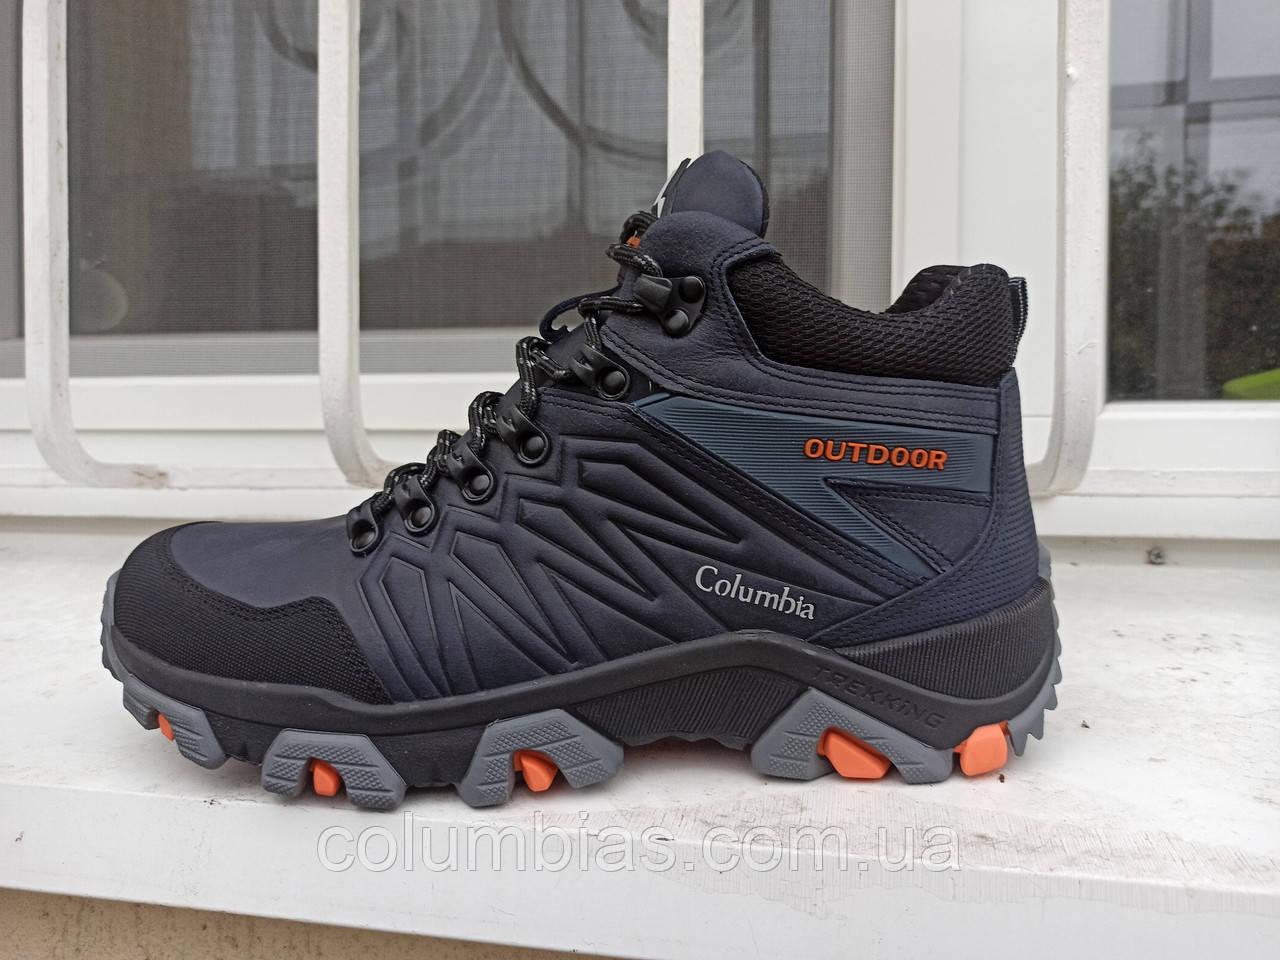 Мужские зимние ботинки Columbia 79-118 кожаные